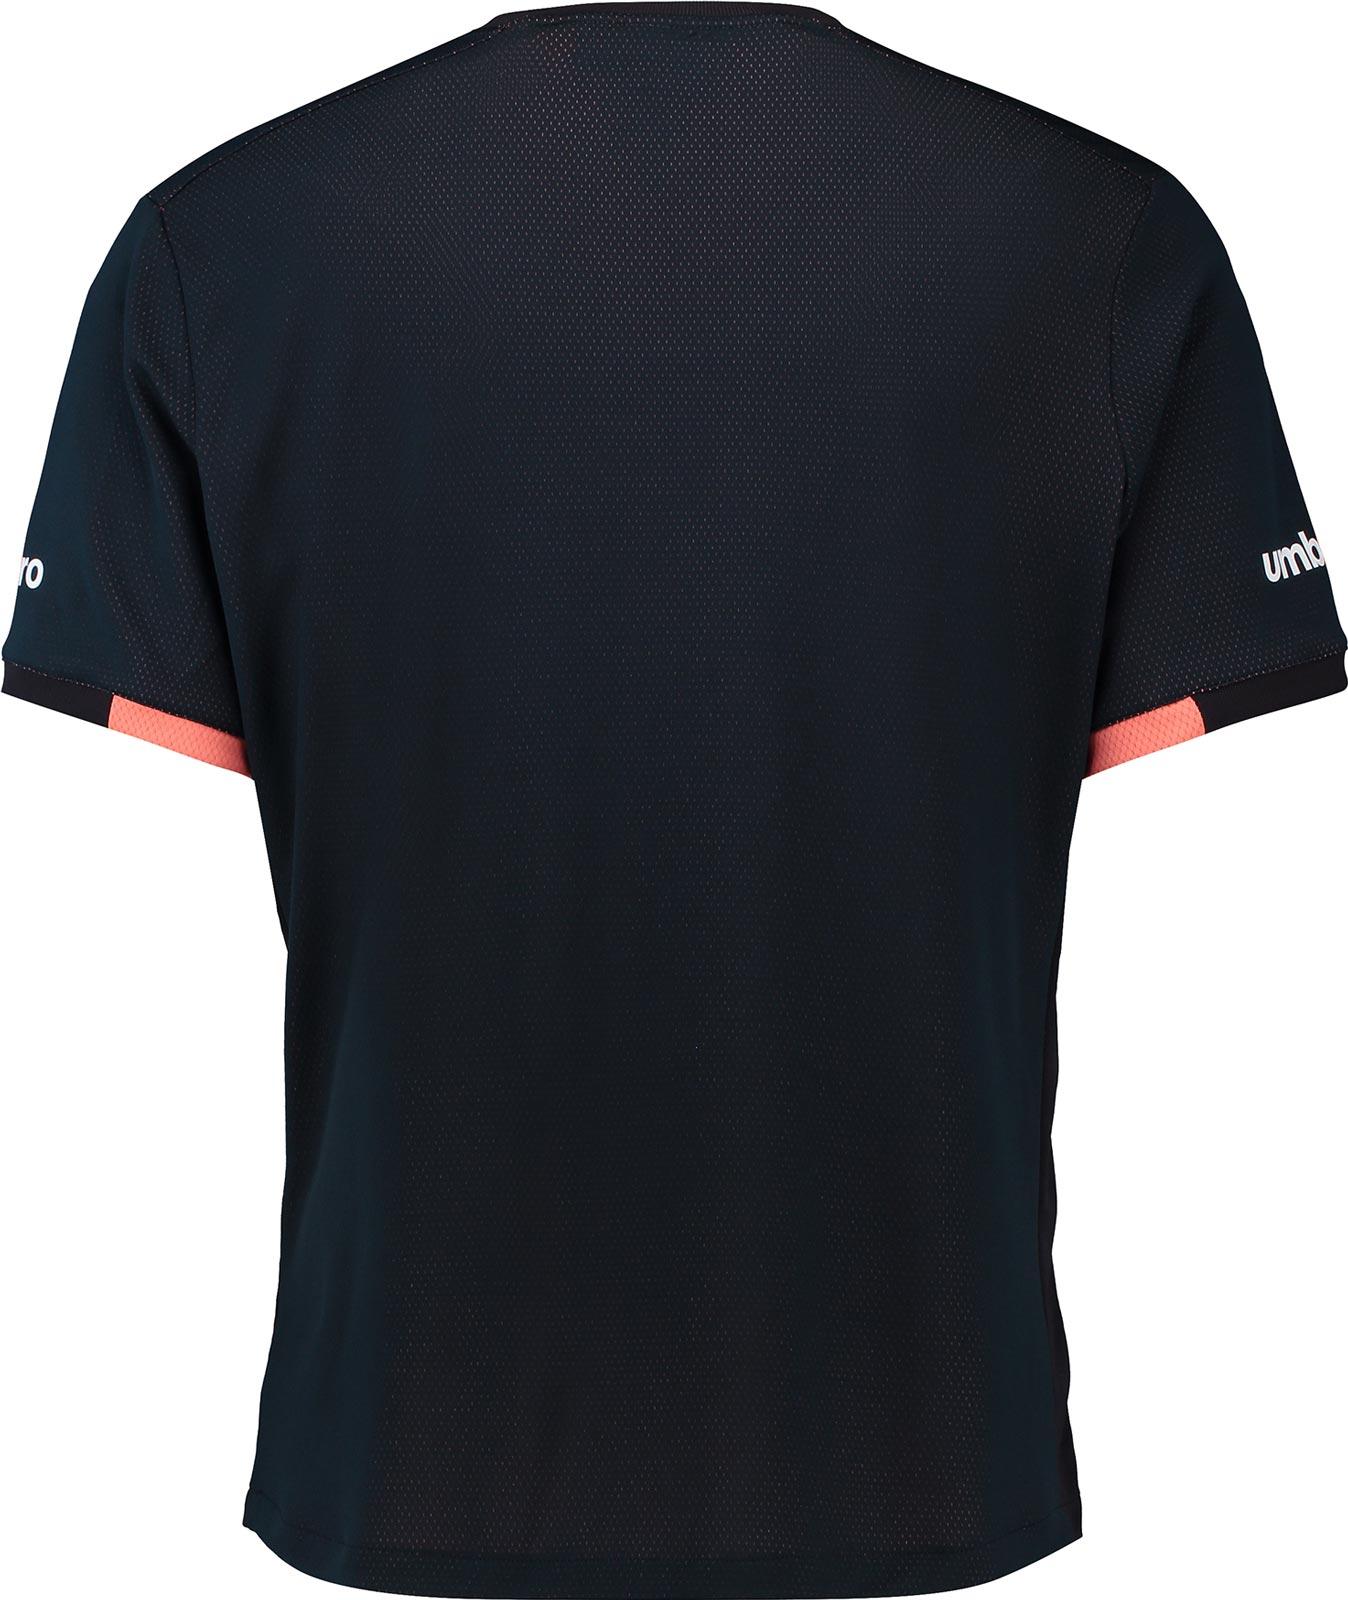 everton-16-17-away-kit-back